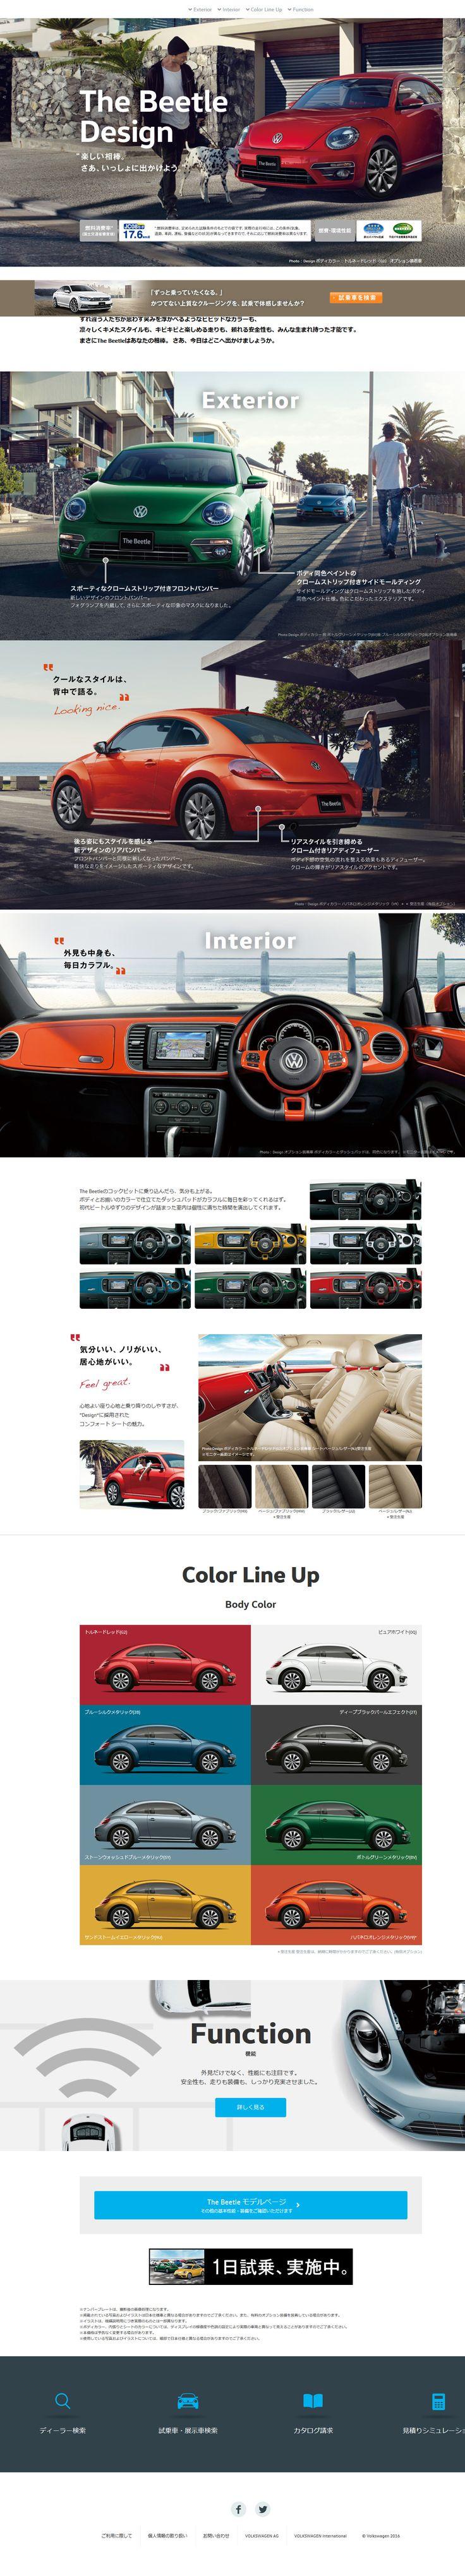 The Beetle Design【車・バイク関連】のLPデザイン。WEBデザイナーさん必見!ランディングページのデザイン参考に(かっこいい系)